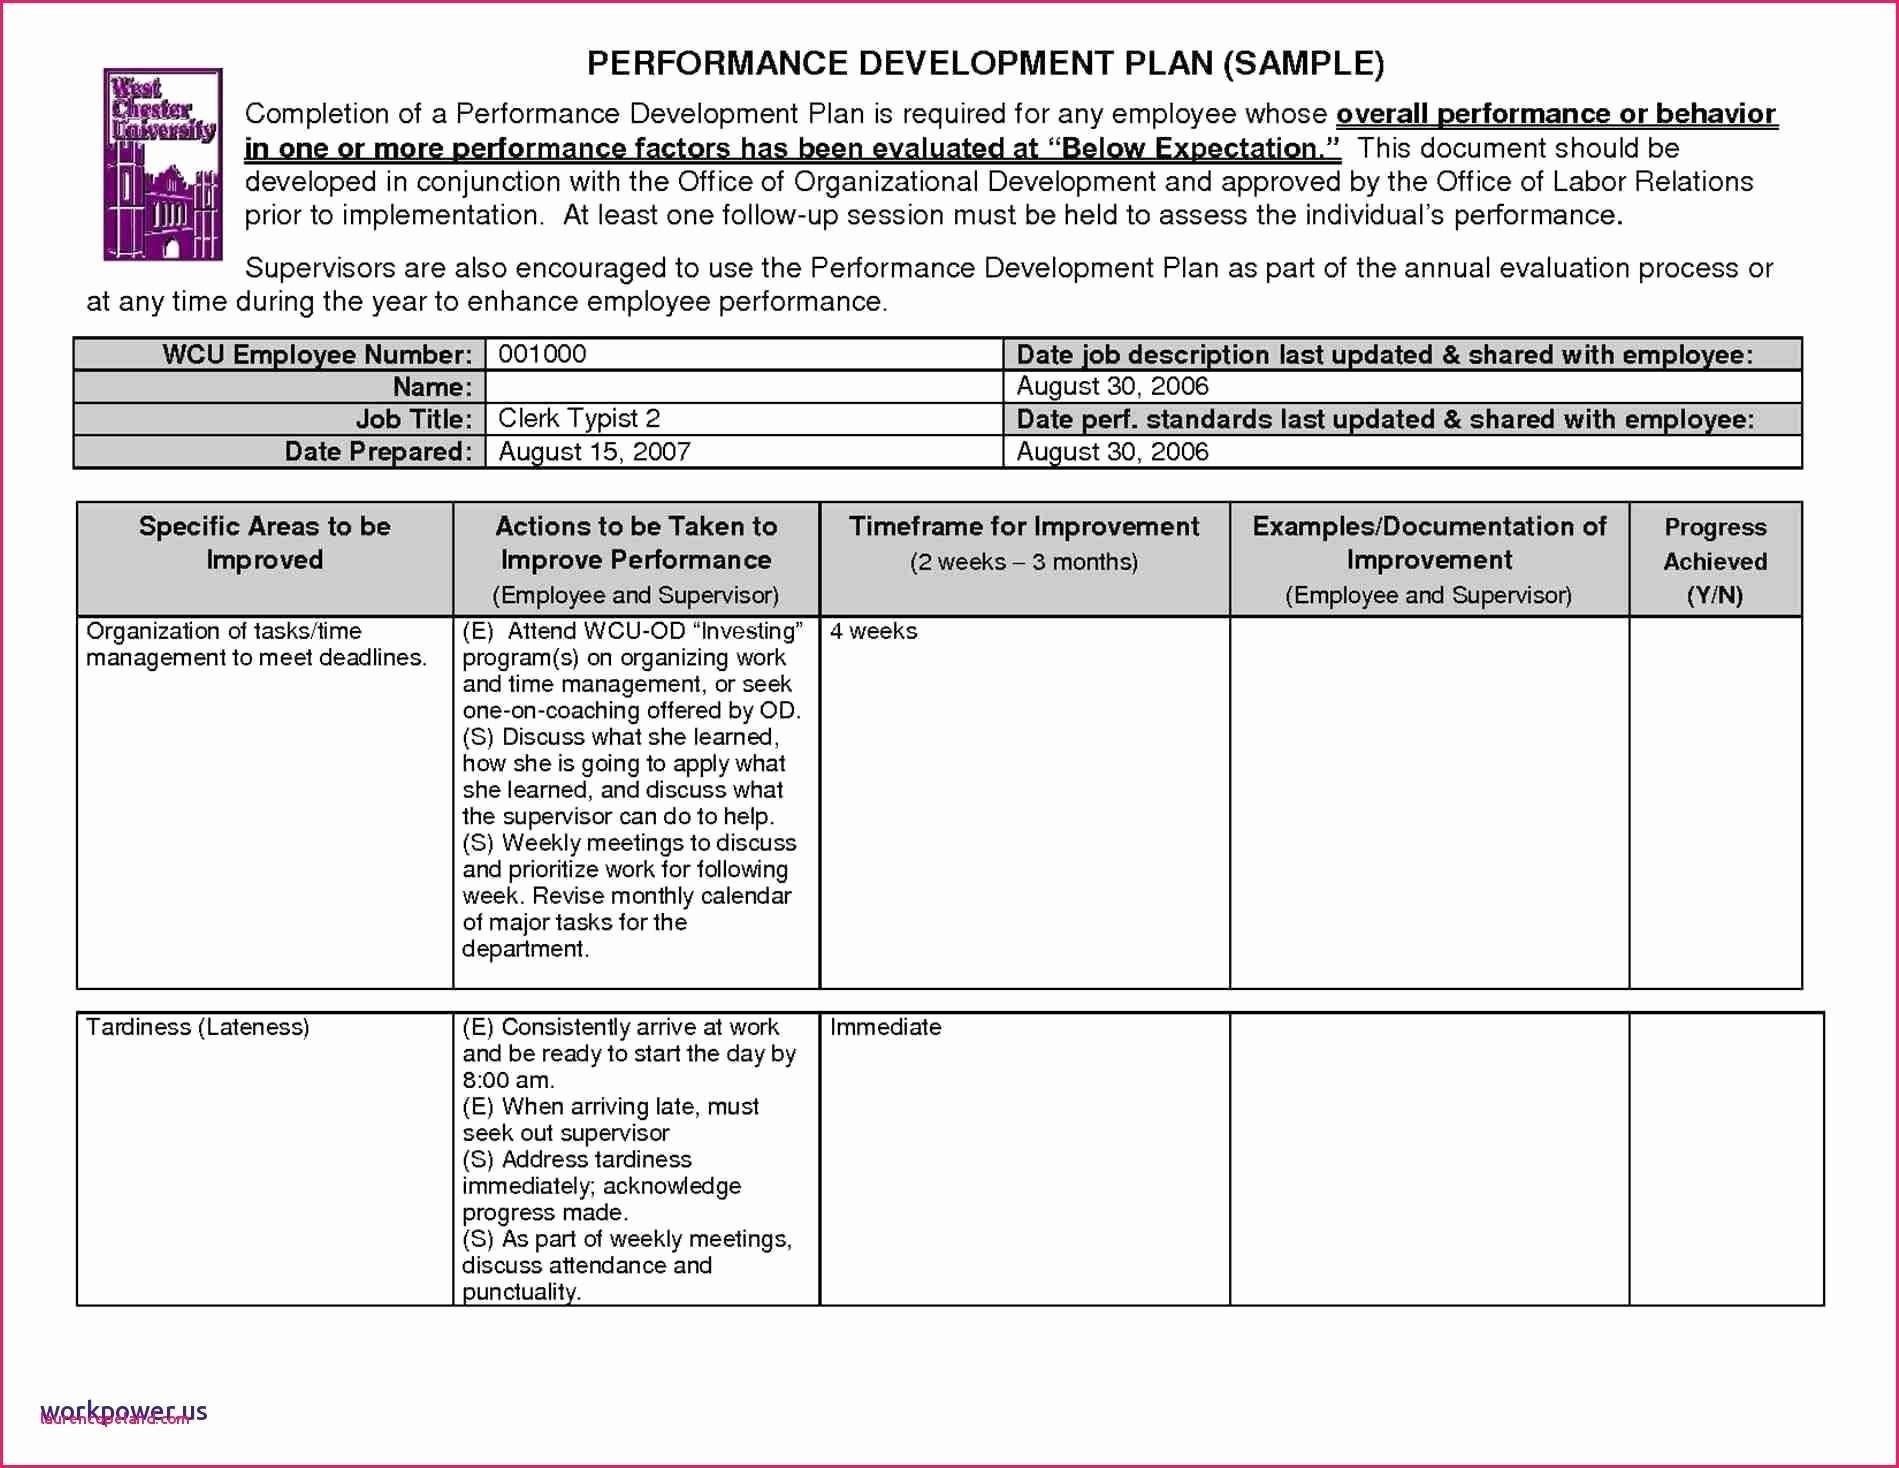 Kalender 2019 Hamburg Zum Urlaubsplaner 2016 Kostenlos Designs Liquiditatsplanung Excel Vorlage Microsoft Excel Vorlagen Download